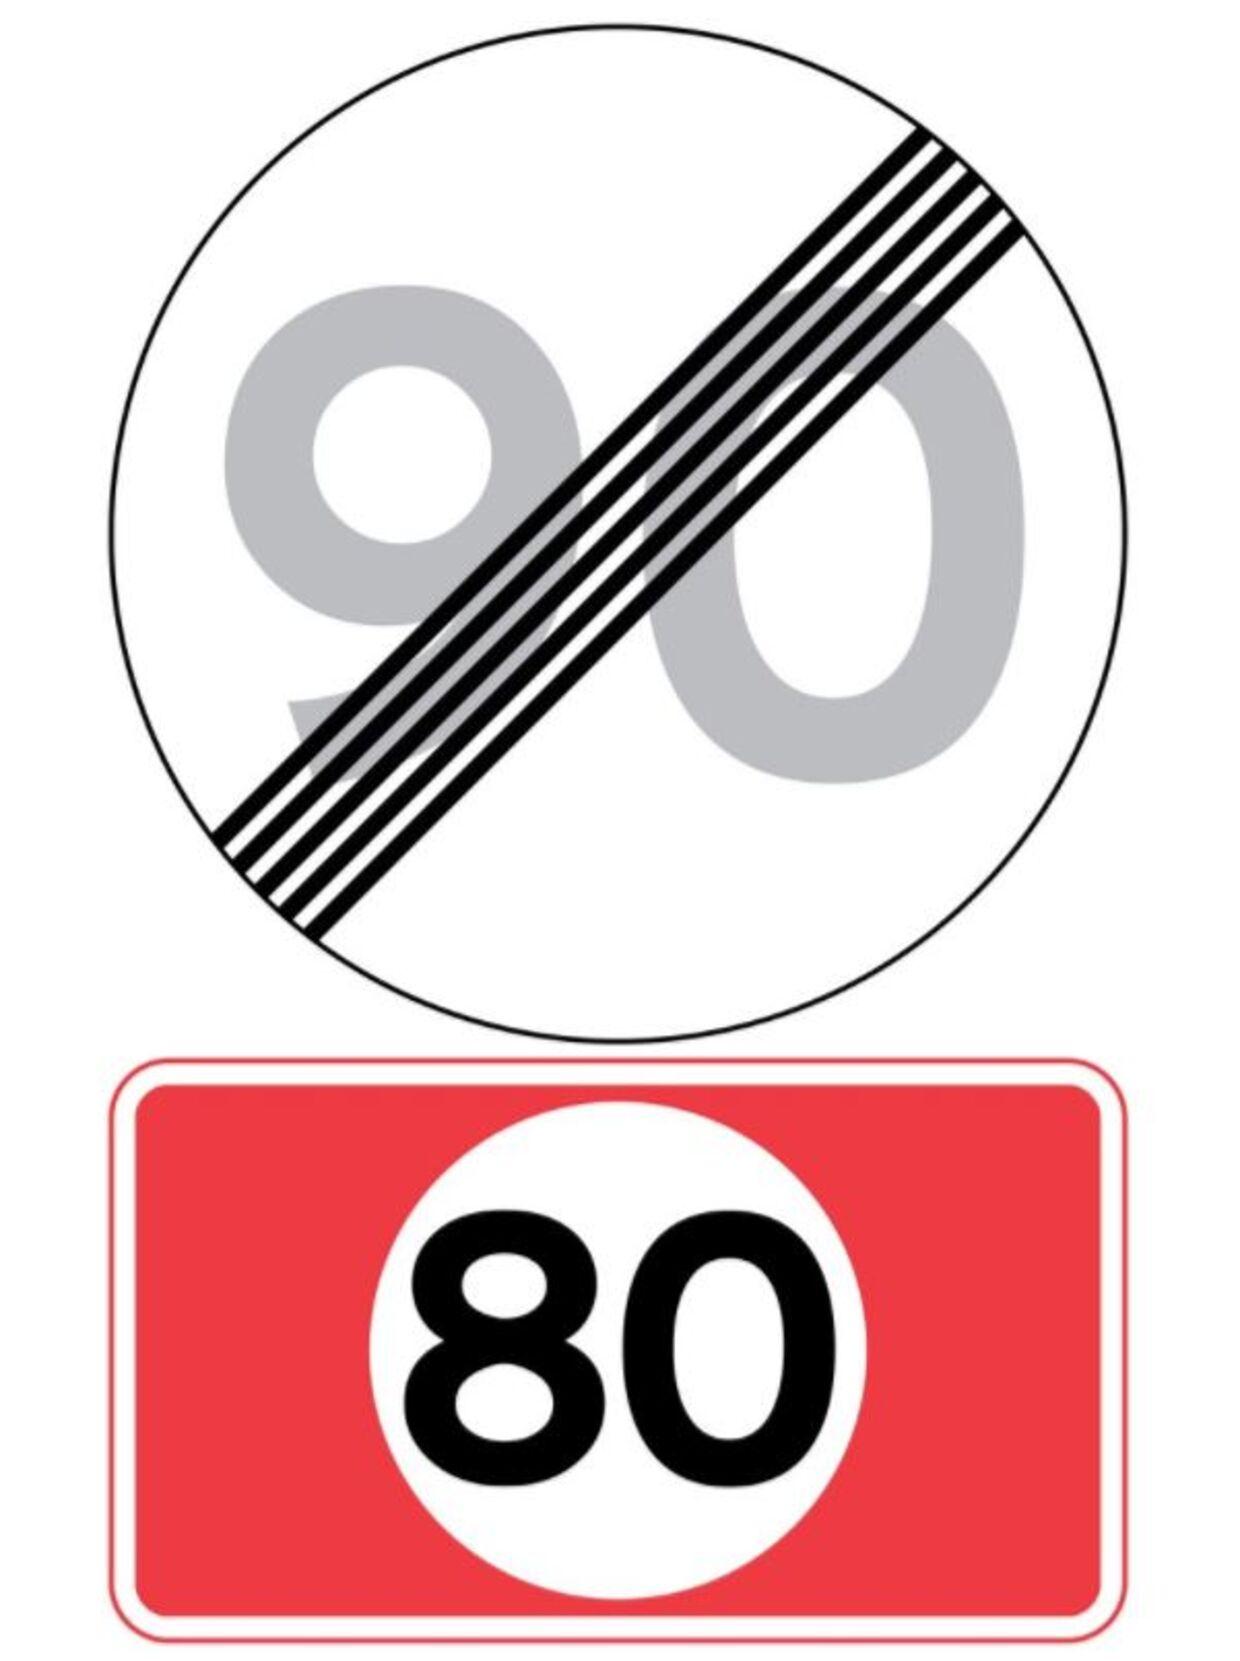 Sådan ser den nye tavle ud. Den skal gøre bilister opmærksom på, at den forægede hastighedsgrænse på en udvalgt strækning ikke længere gælder.